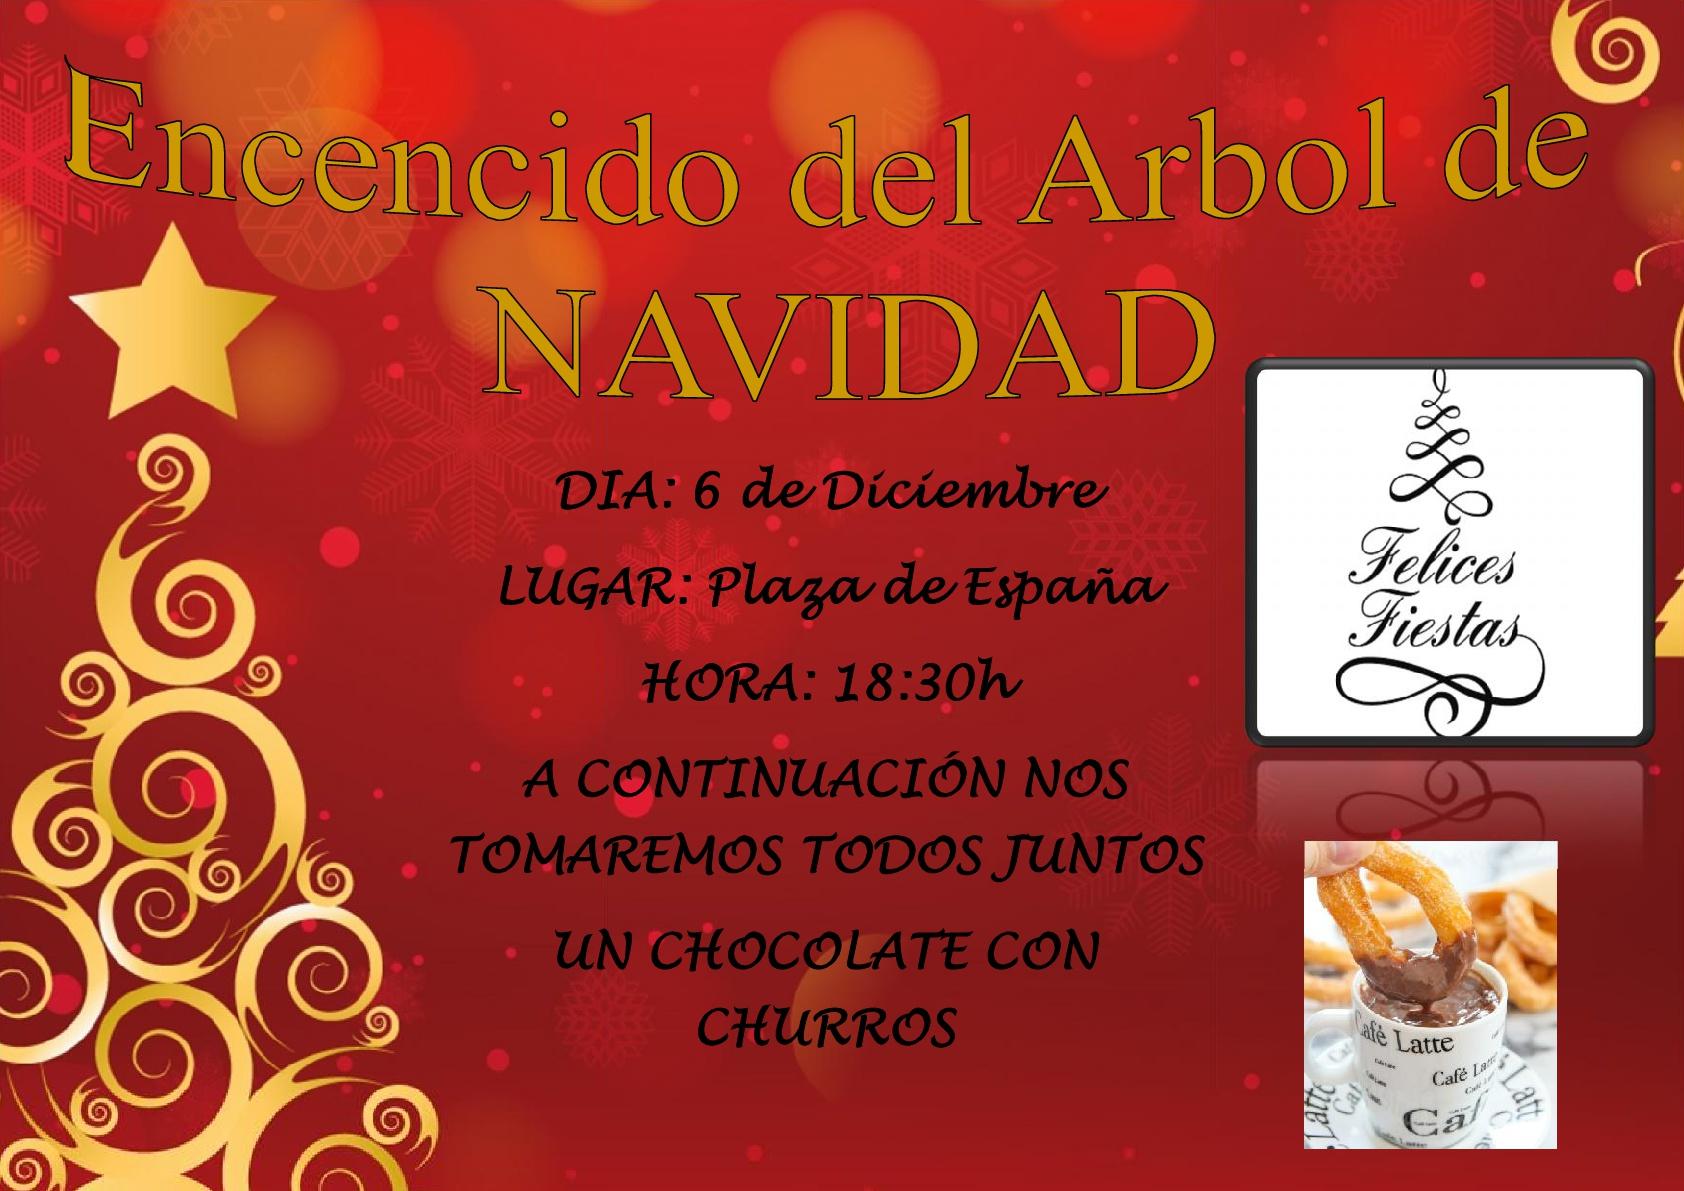 ENCENCIDO ARBOL DE NAVIDAD pdf-001.jpg